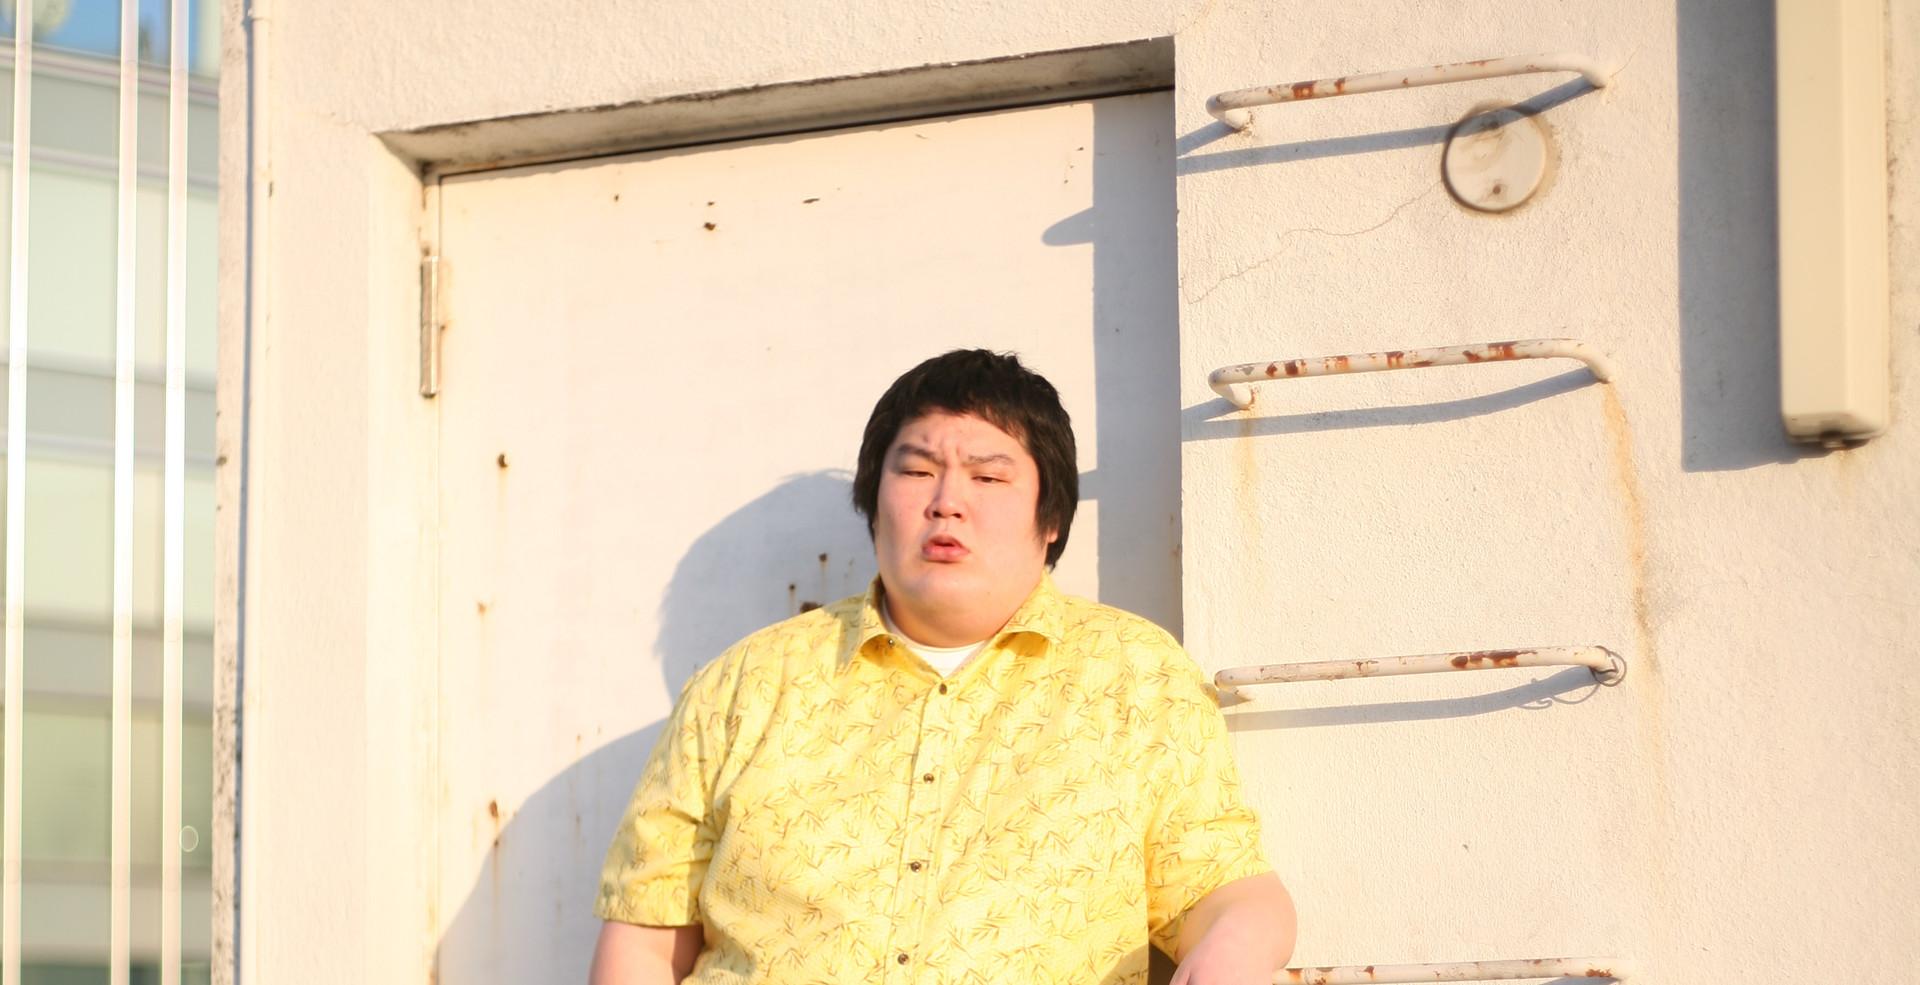 キャッチャー中澤_キャッチャーナカザワ_high endz_ハイエンド